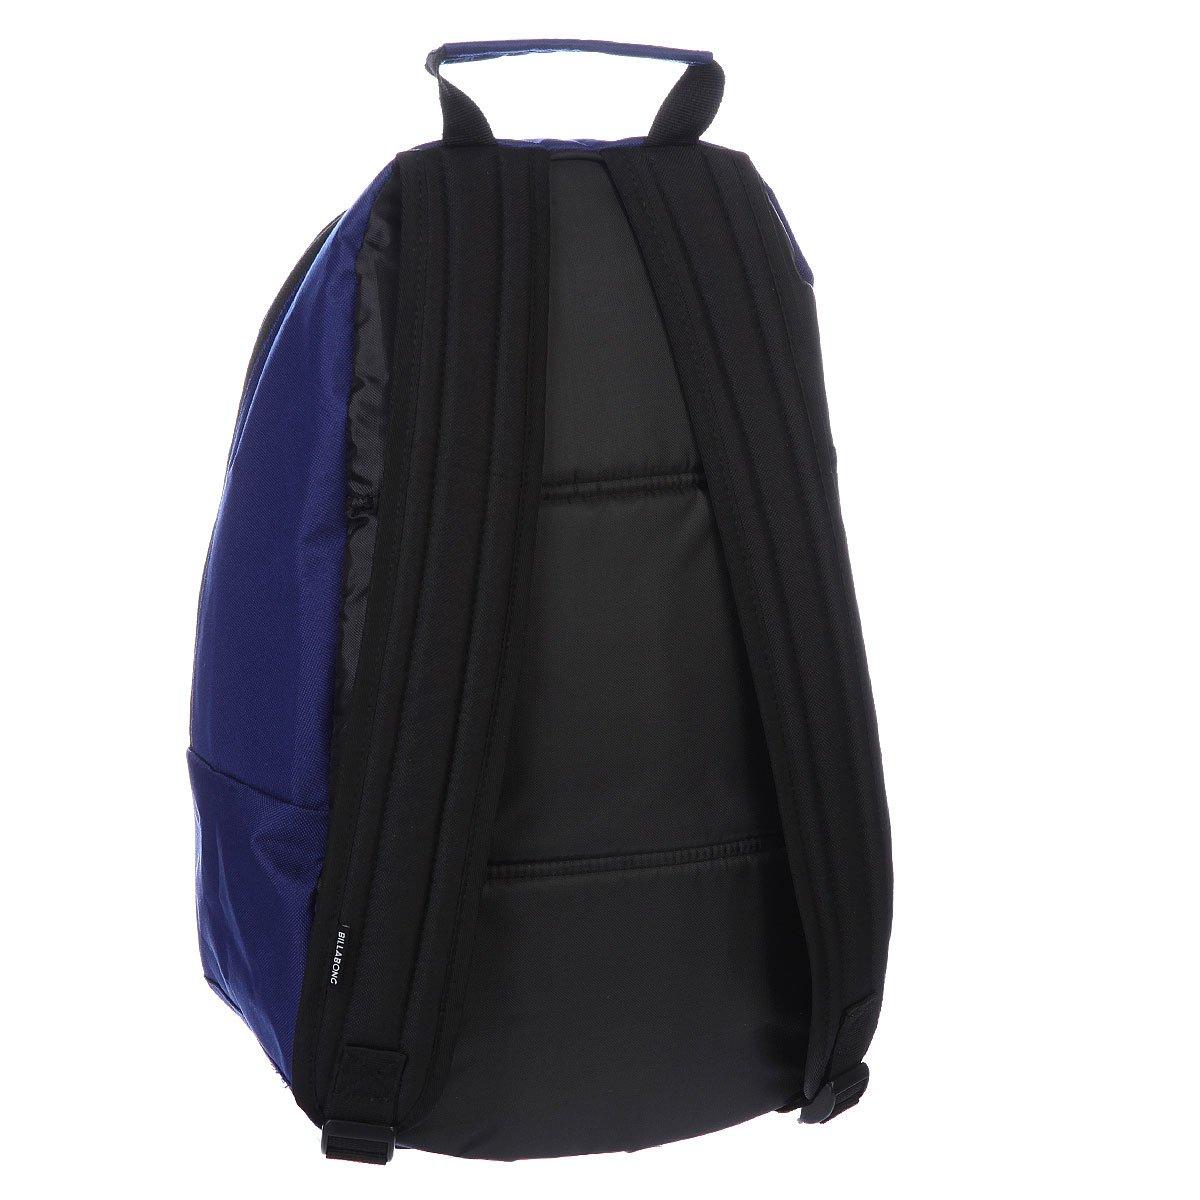 b435f6492f00 Купить рюкзак городской Billabong Highway Backpack 18L Indigo в ...